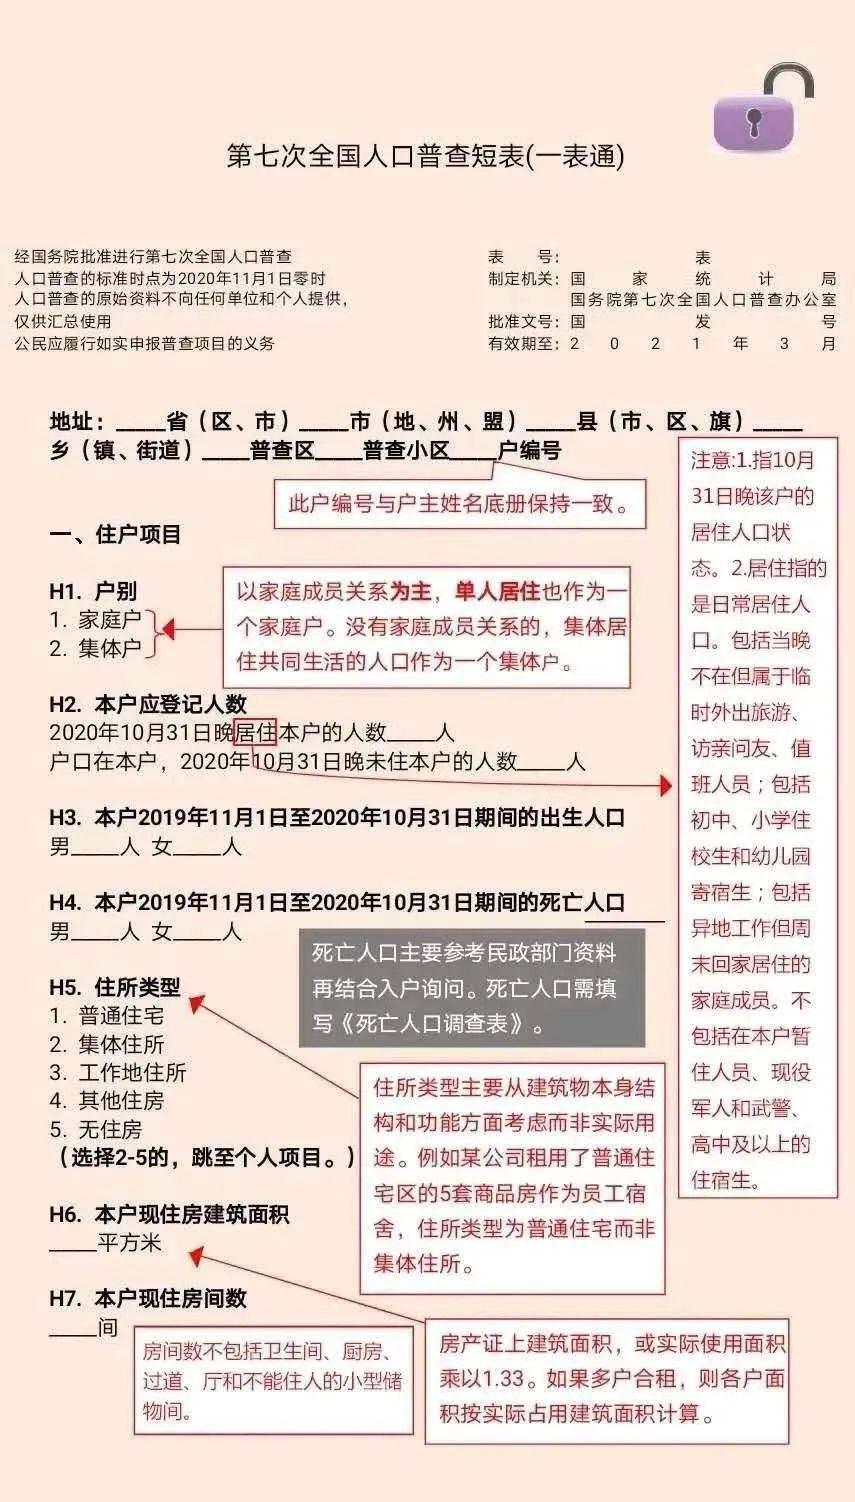 多少年人口普查一次_从党报看计生政策演变 1971年提生两个正好